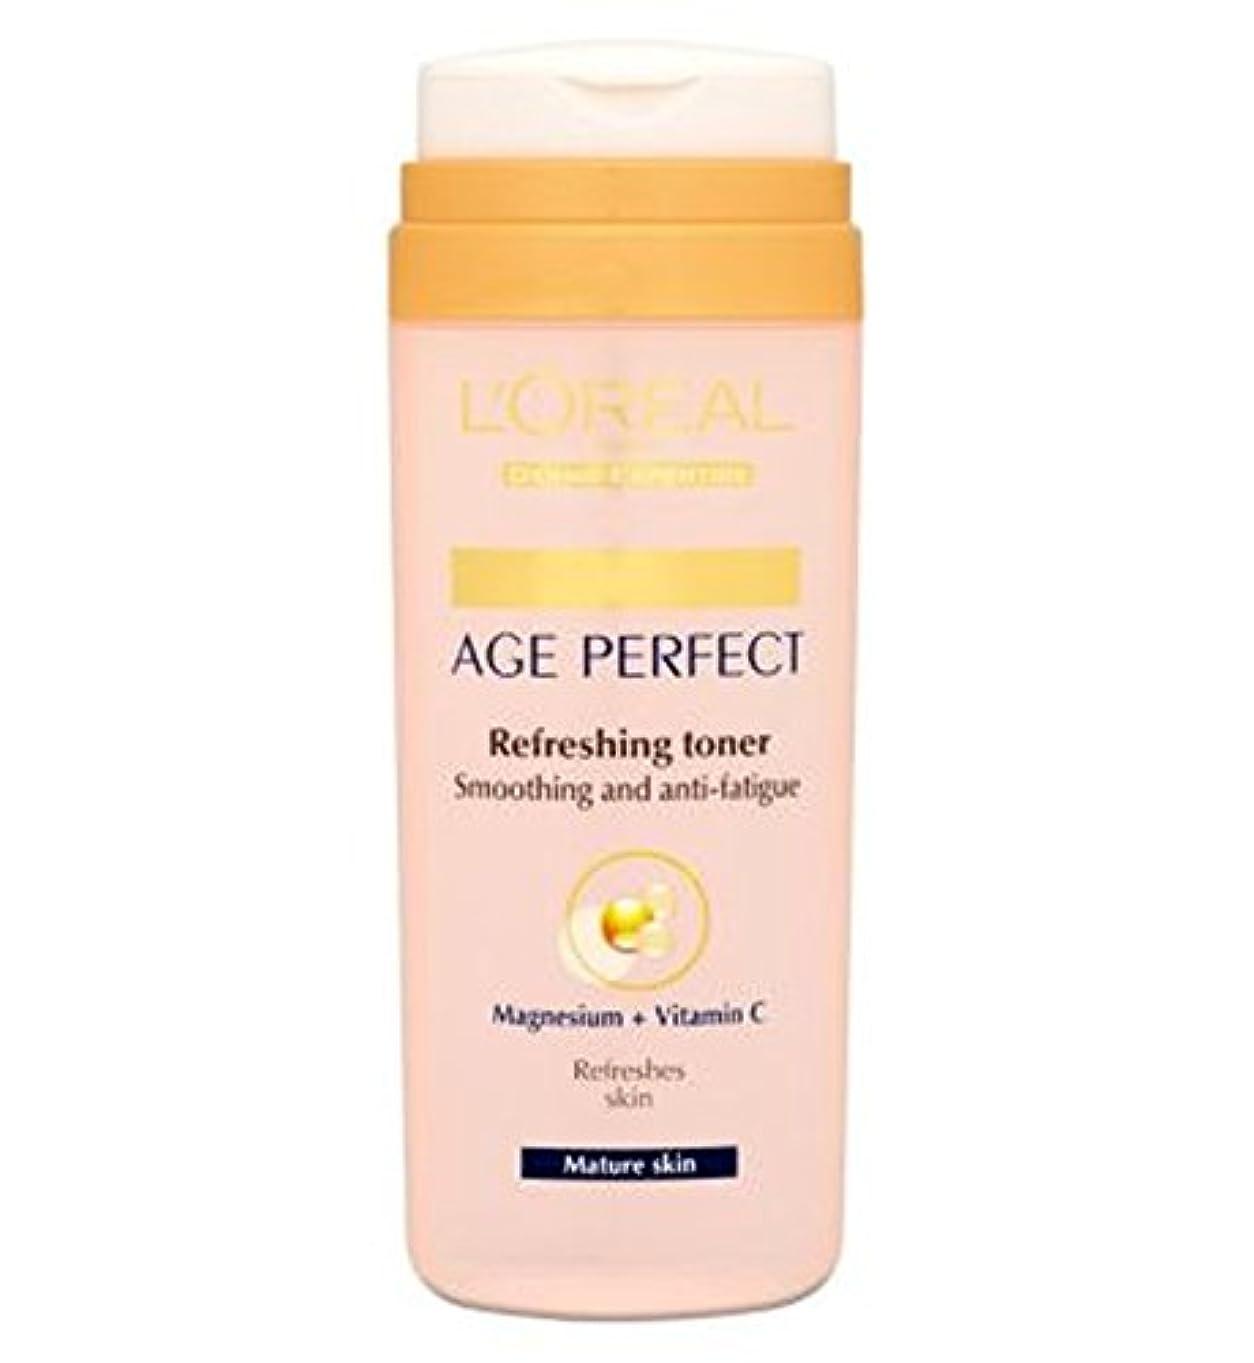 怖がらせるチャーム運命的なL'Oreallパリ真皮専門知識の年齢、完璧なさわやかなトナー成熟肌の200ミリリットル (L'Oreal) (x2) - L'Oreall Paris Dermo-Expertise Age Perfect Refreshing Toner Mature Skin 200ml (Pack of 2) [並行輸入品]